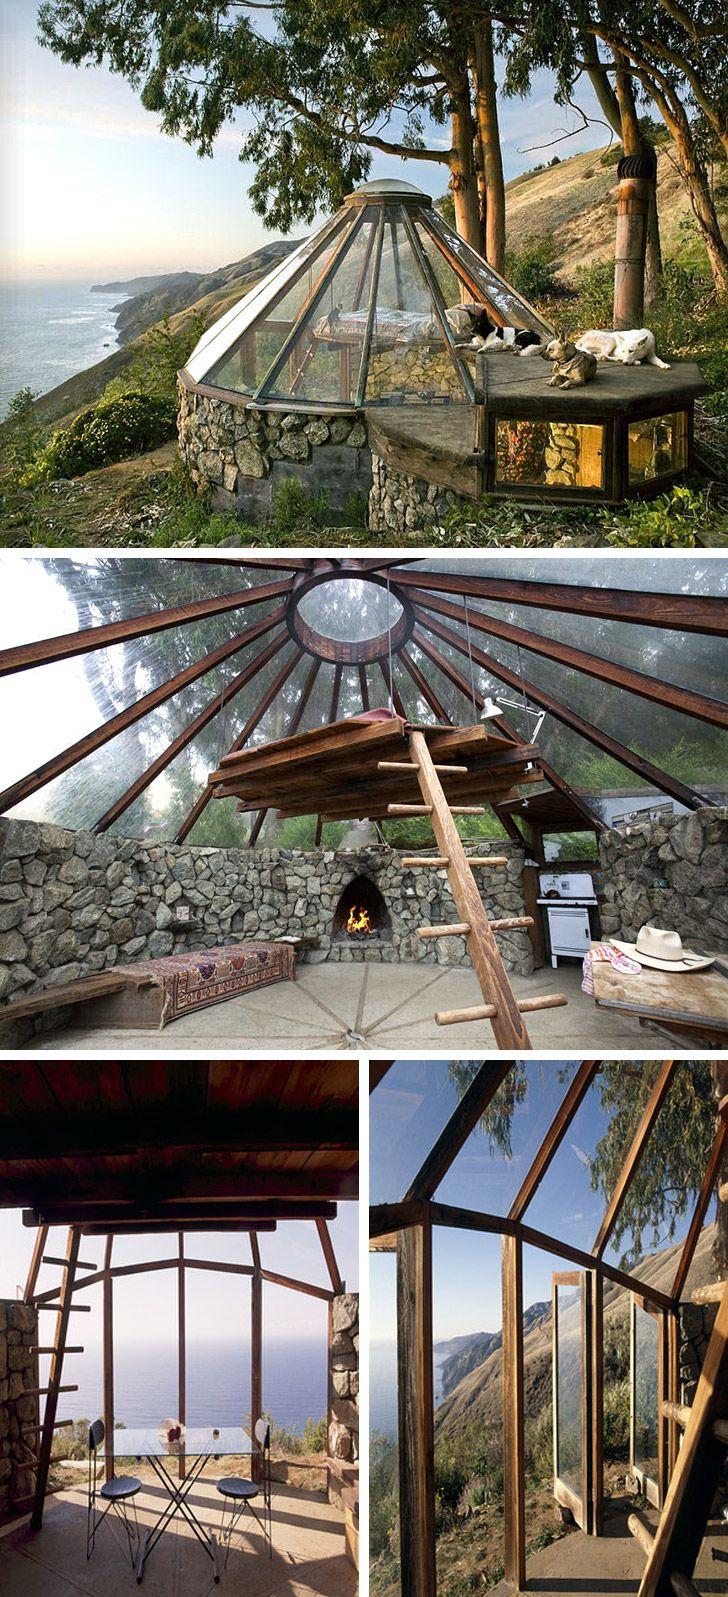 Take me there, PLEEEEASE!! The Greenhouse.